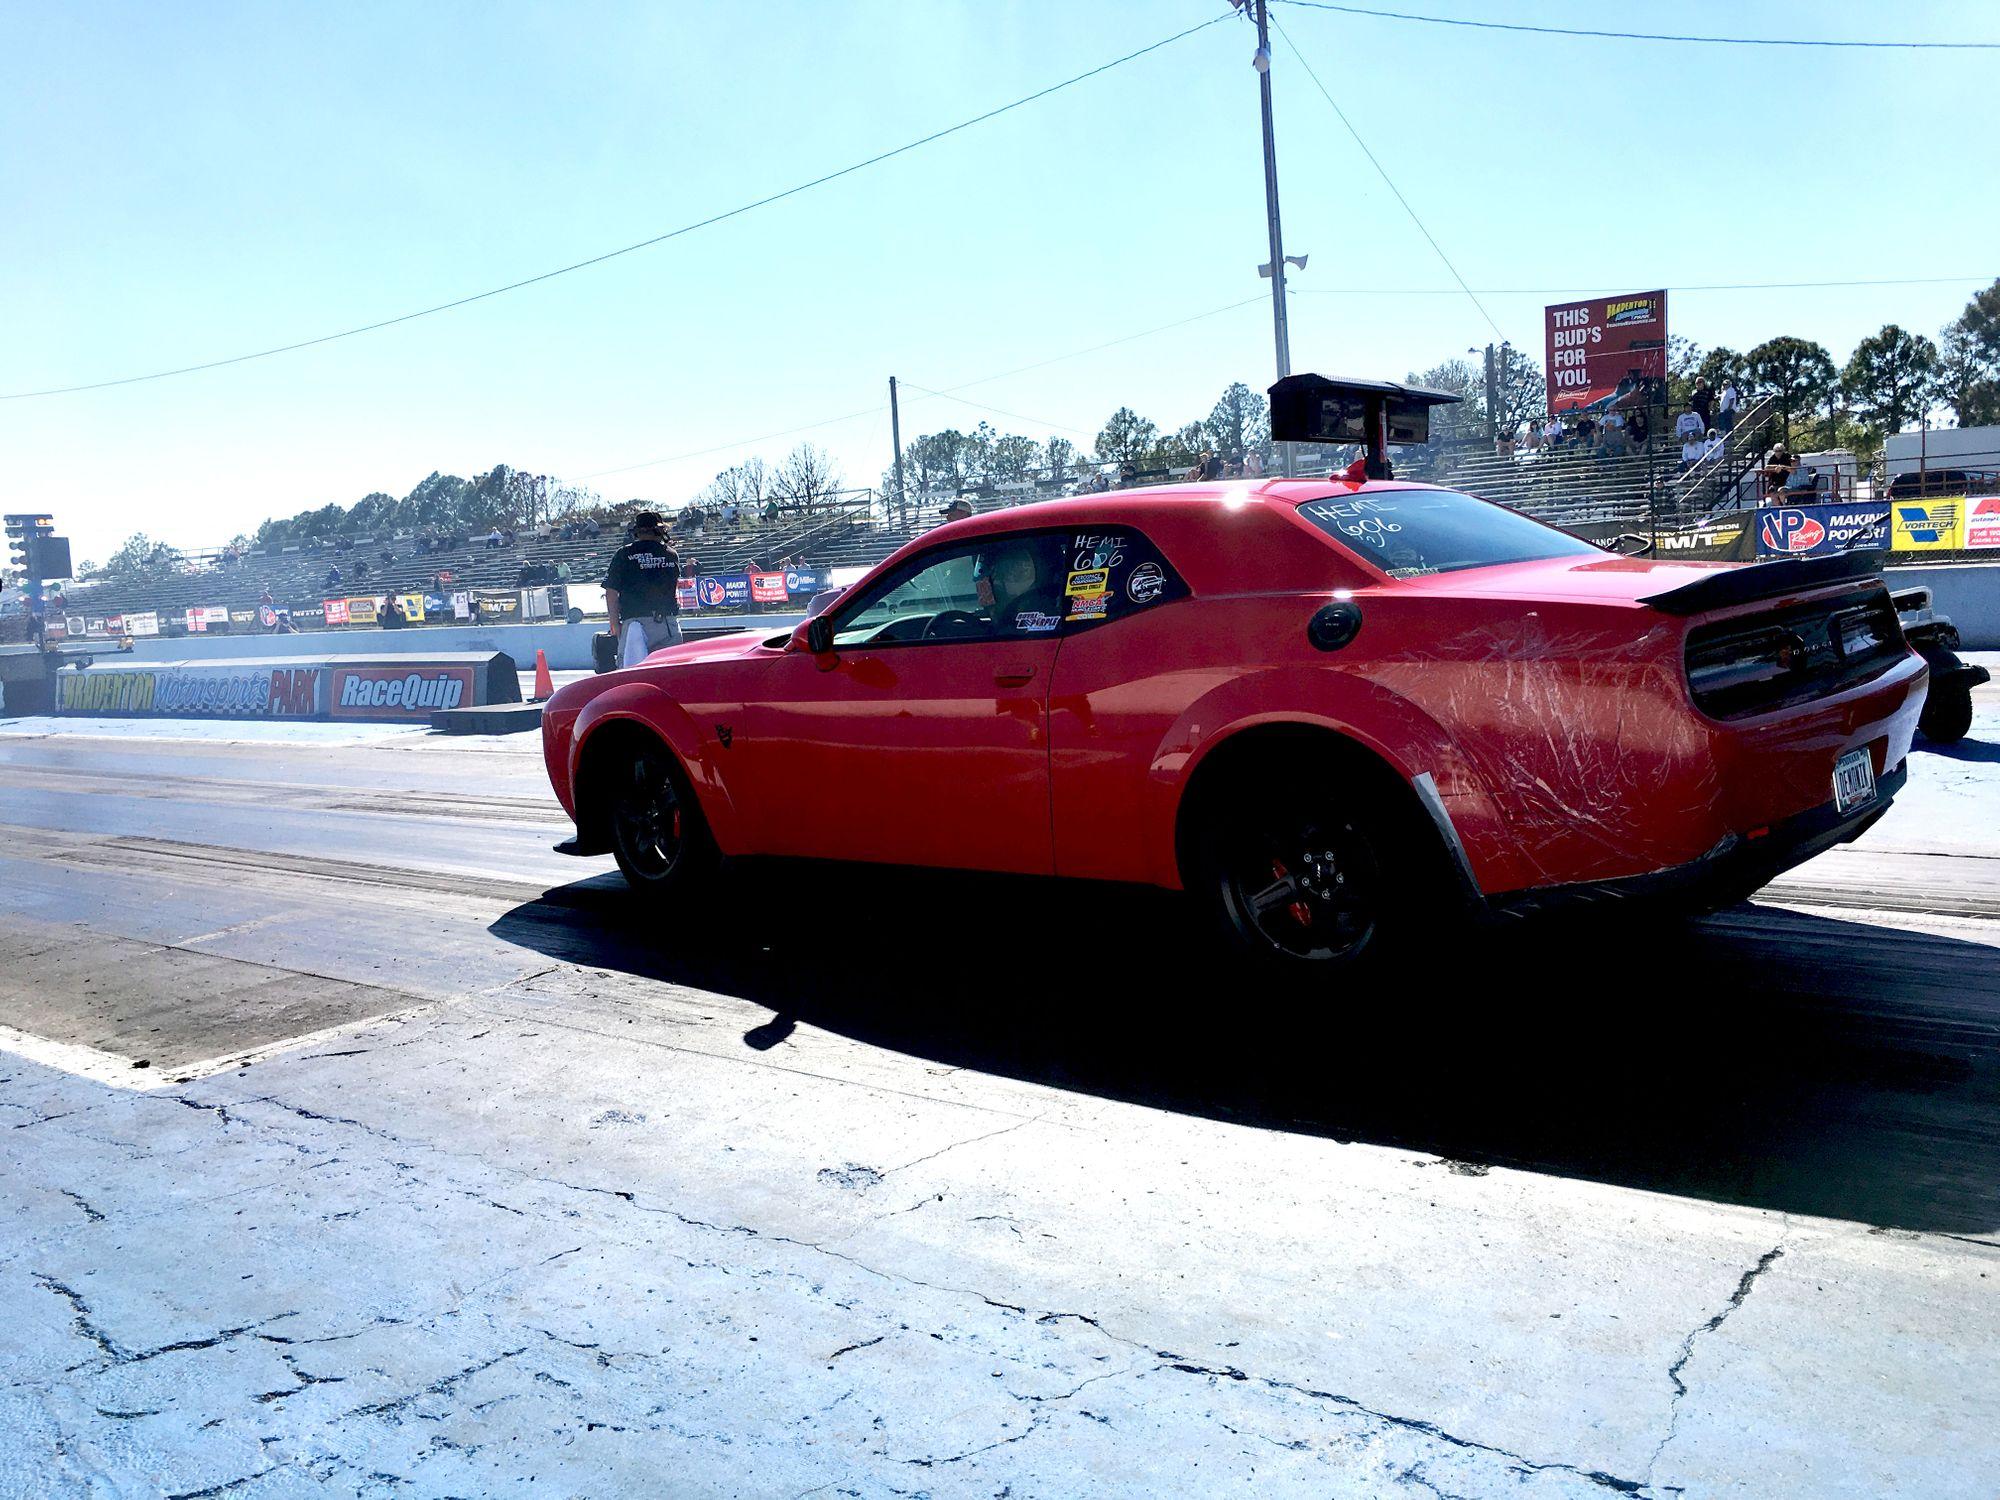 """<img src=""""dodge-challenger.jpg"""" alt=""""Dodge Challenger at the drag strip"""">"""